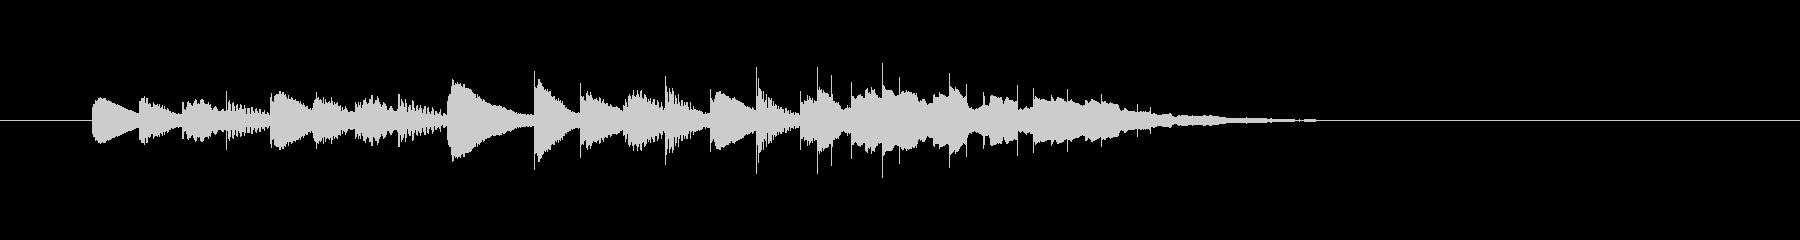 ピポパポン・・(明るく楽しい木琴音)の未再生の波形